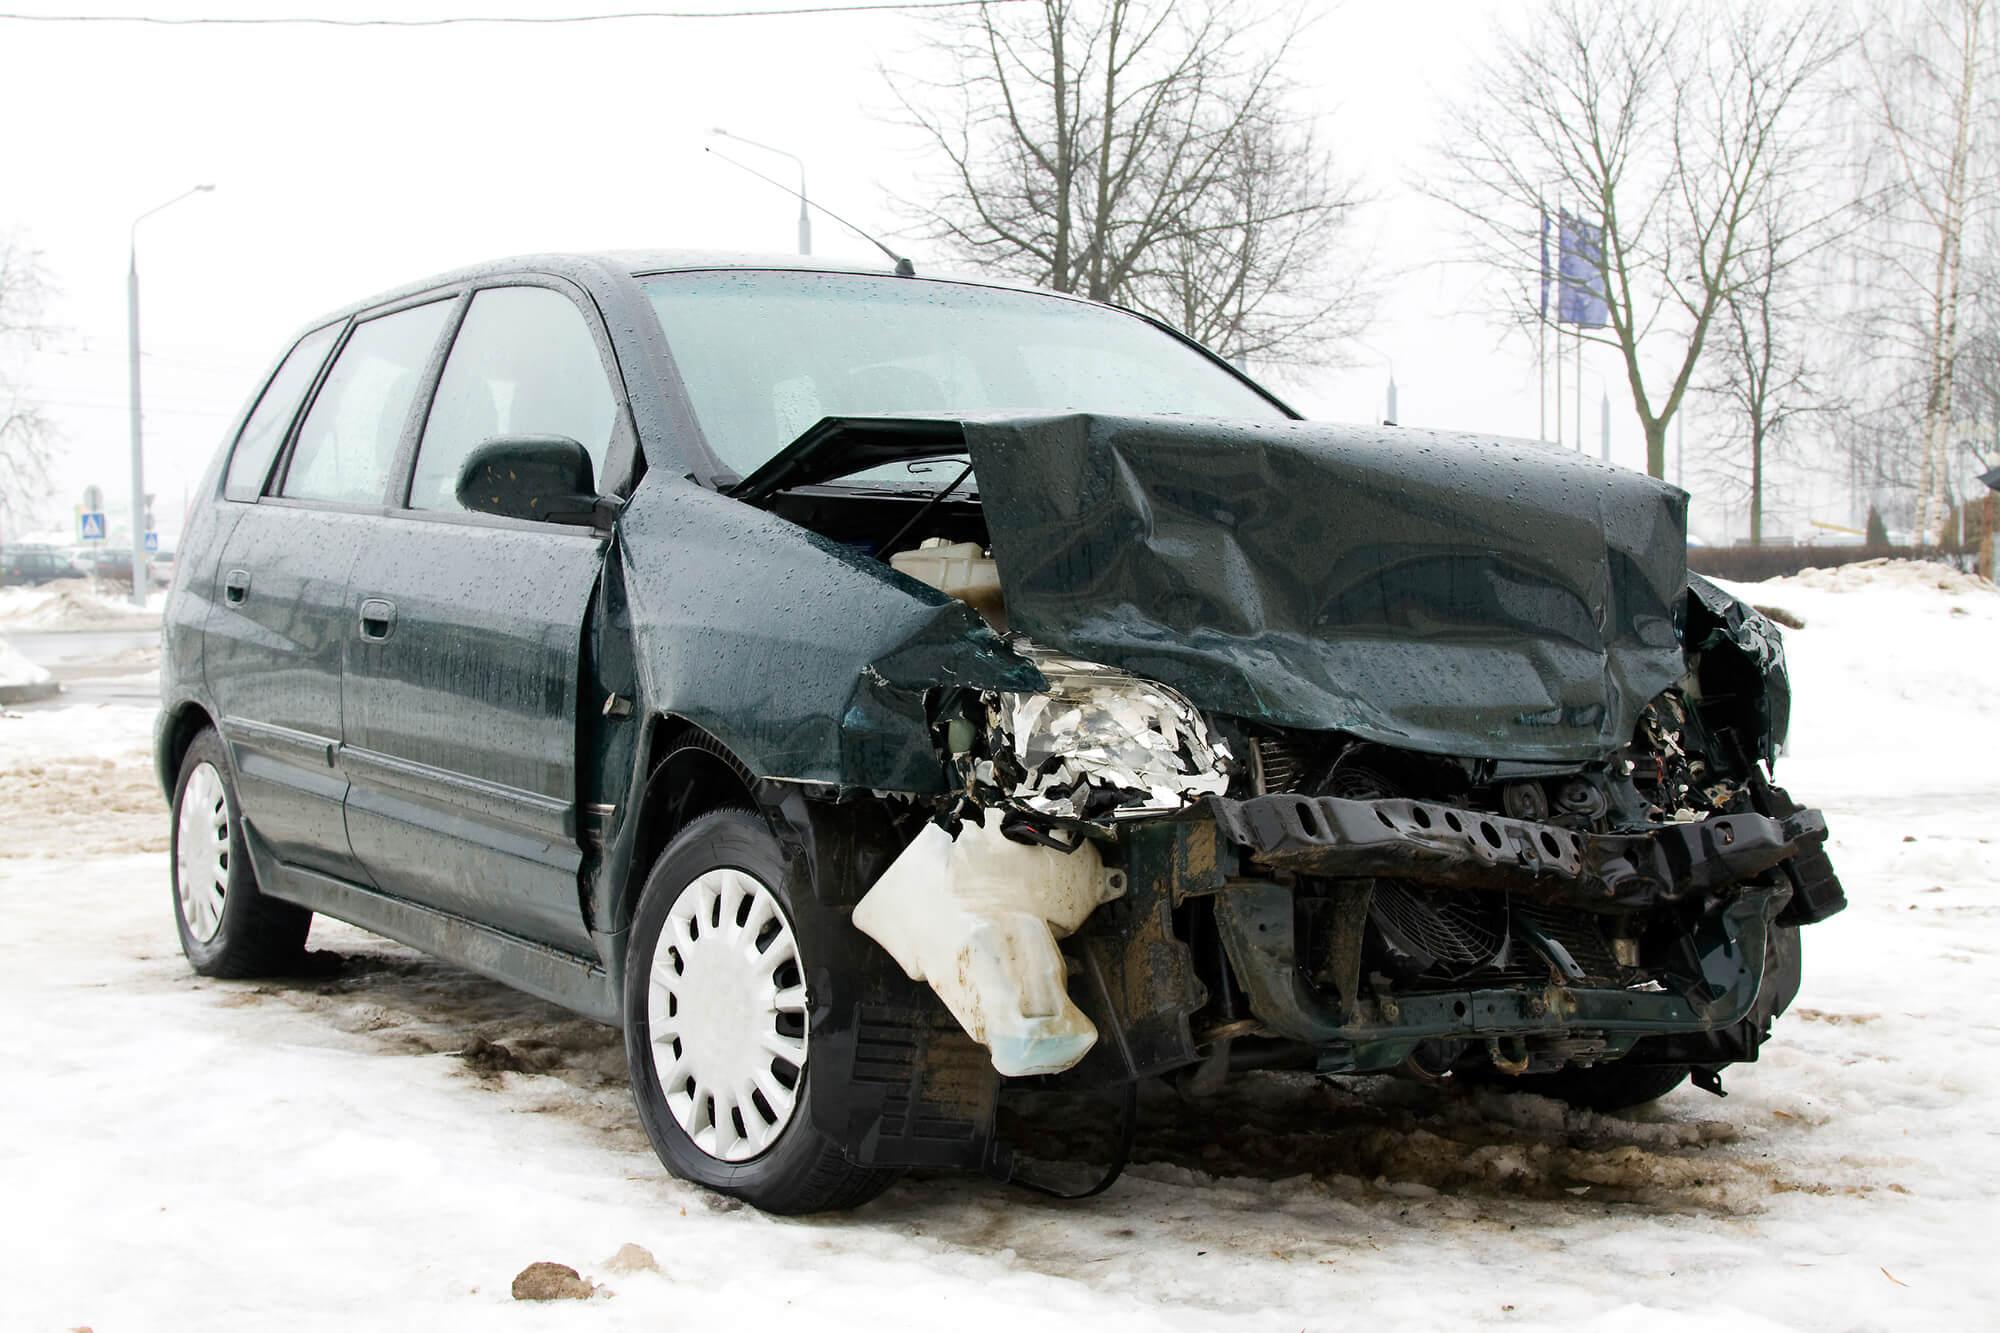 Fondo di garanzia per le vittime della strada: le 5 cose da sapere